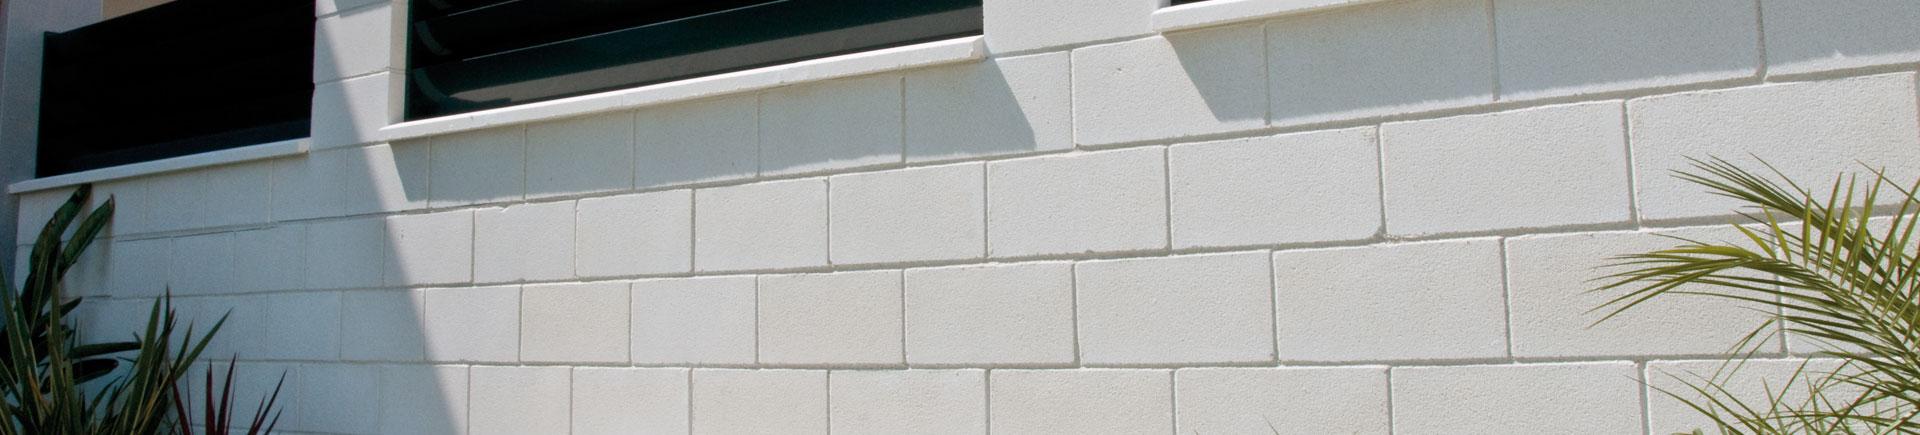 Bloques de hormigon colores perfect vinilo modelo - Cemento blanco precio ...